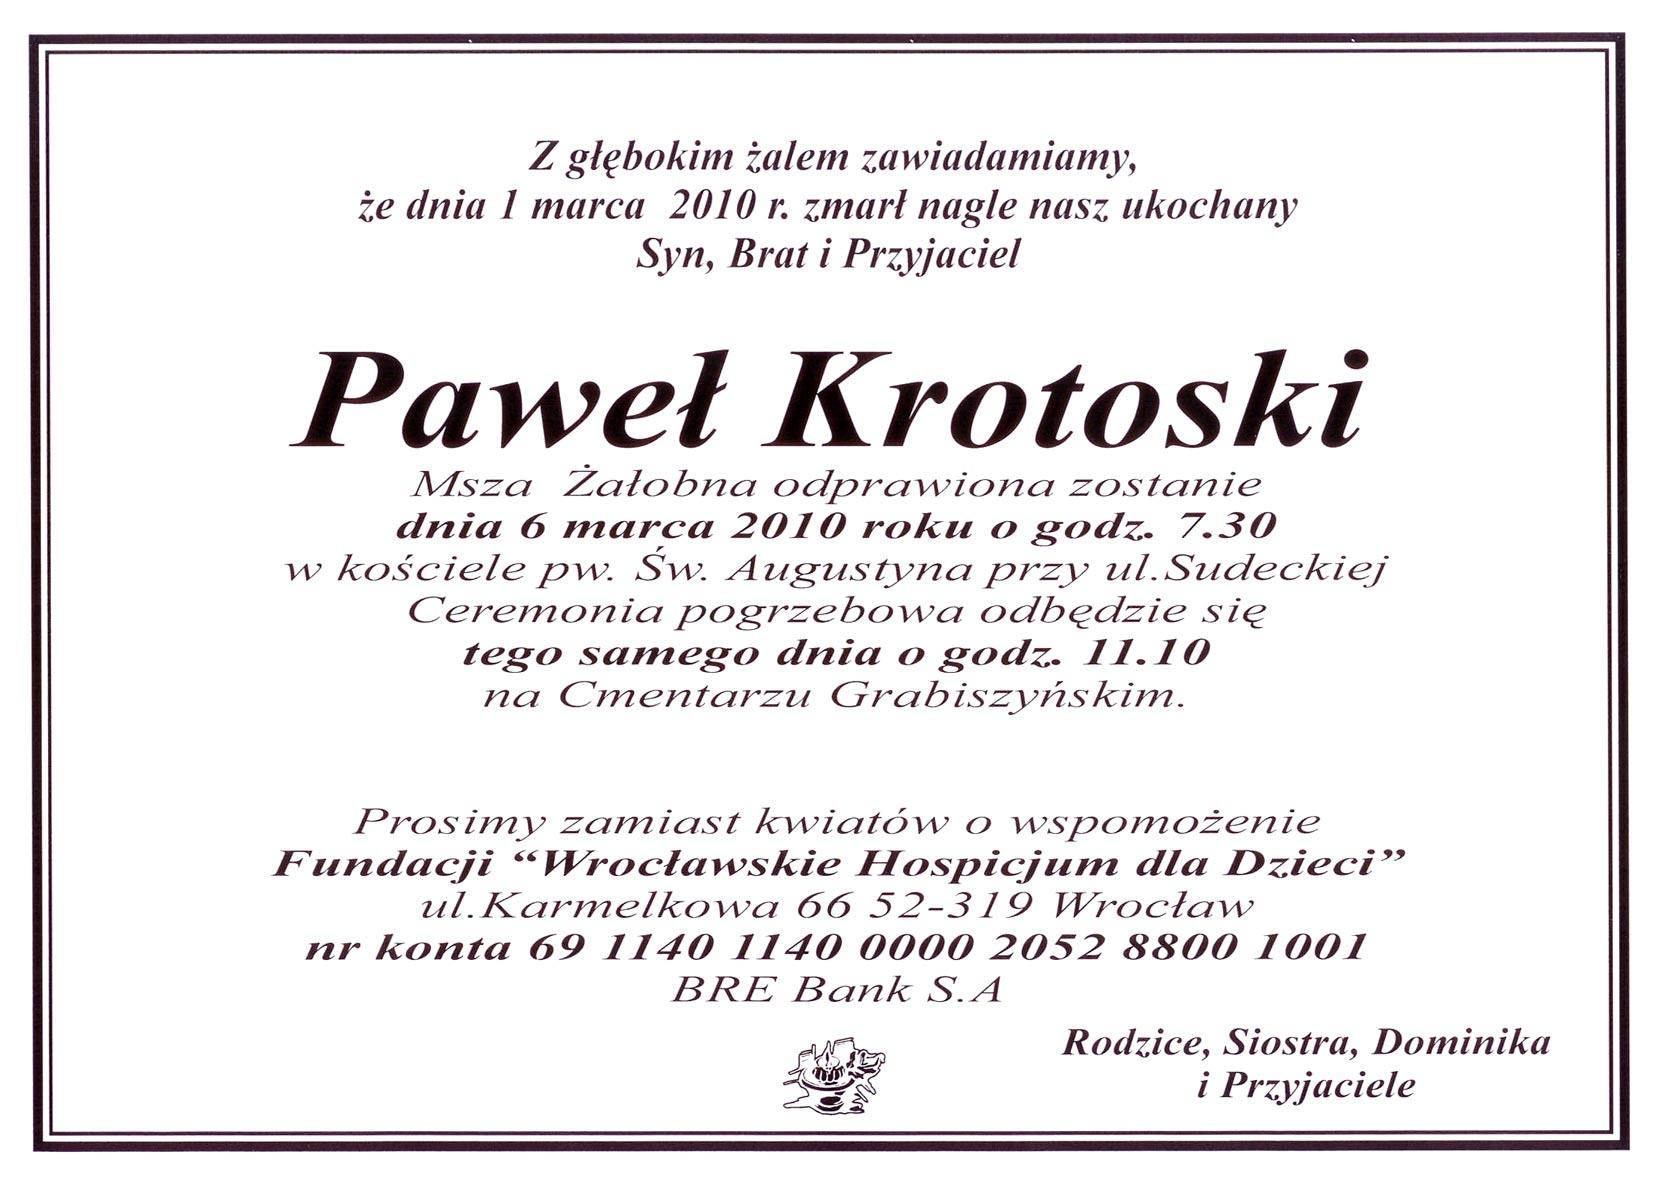 Zmarł Paweł Krotoski - Radio Wrocław